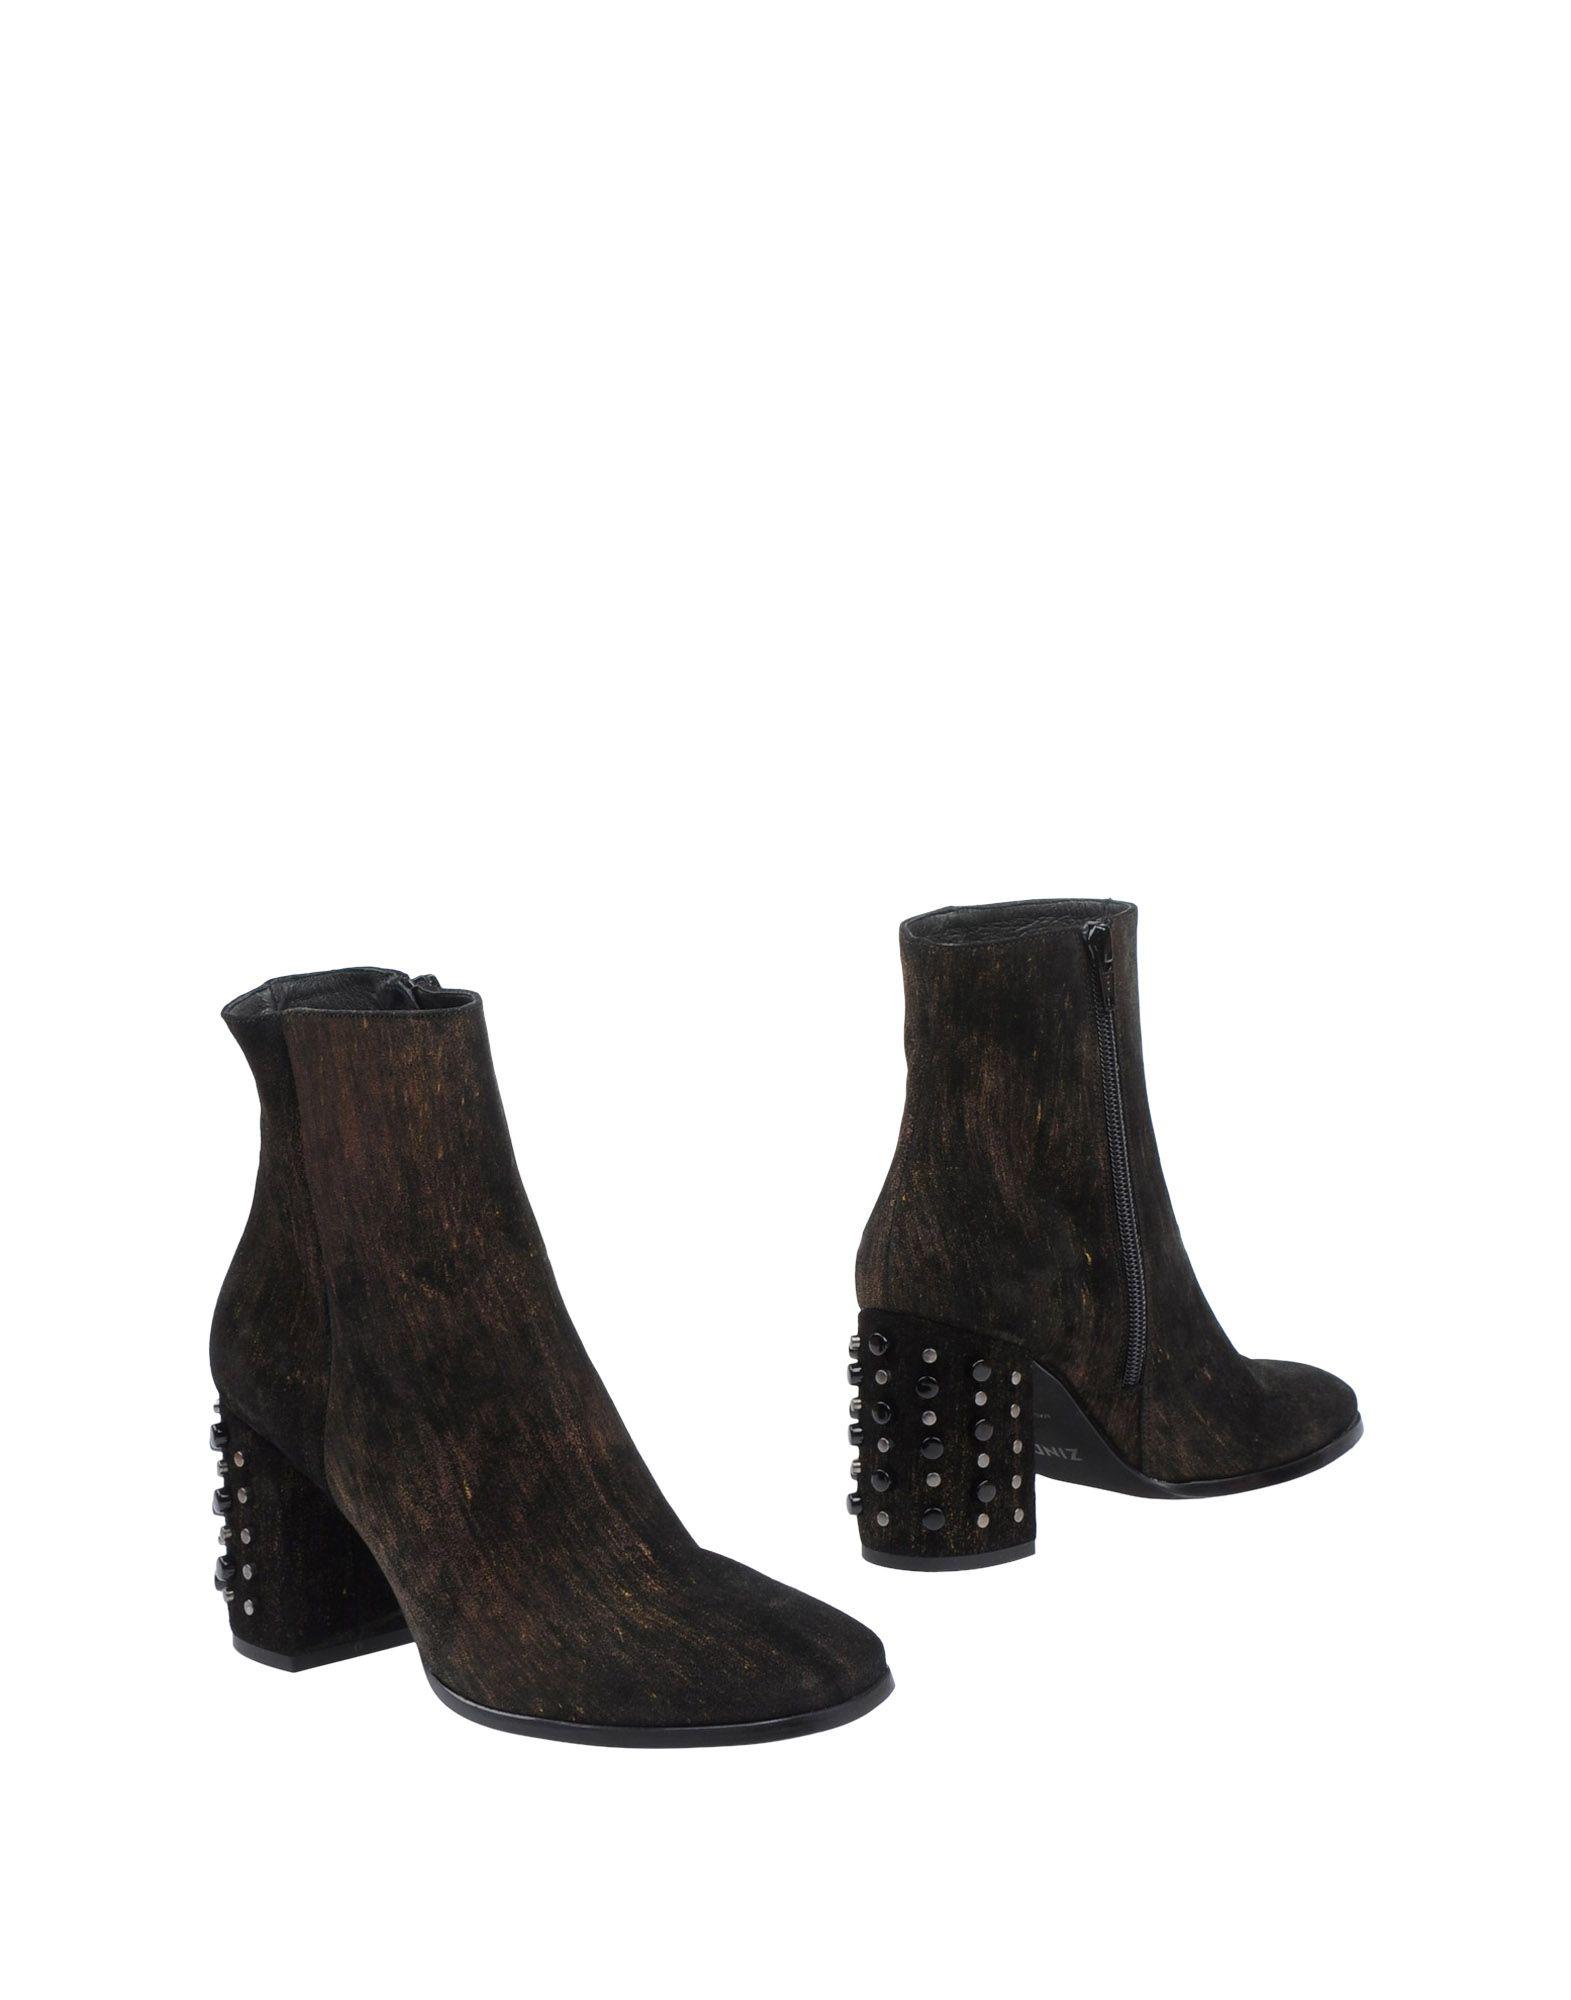 Zinda Stiefelette Damen  11324826VSGut aussehende strapazierfähige Schuhe